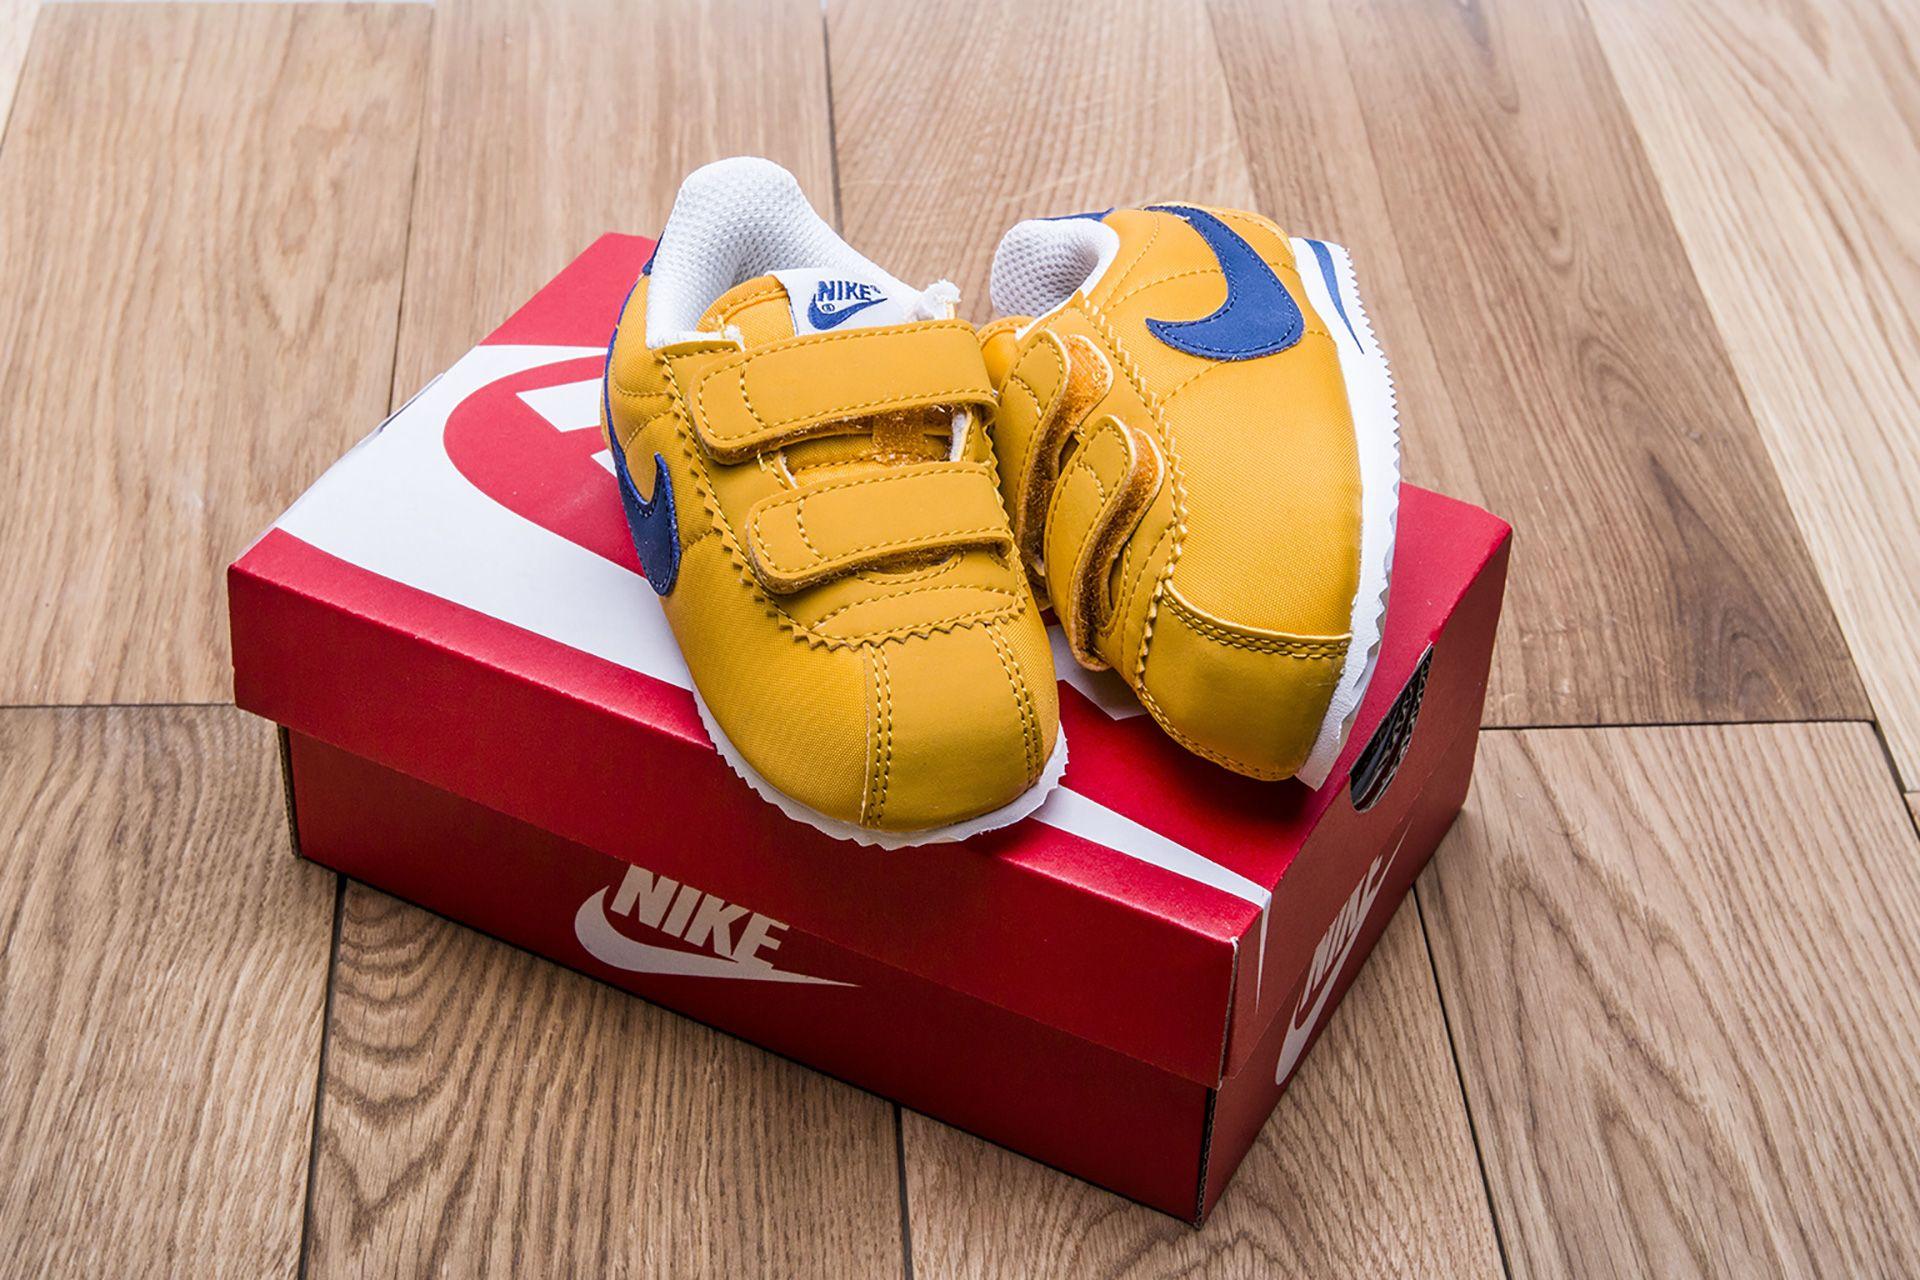 3813badf ... 5 картинки; Купить детские желтые кроссовки Nike Cortez Nylon TDV -  фото 6 картинки